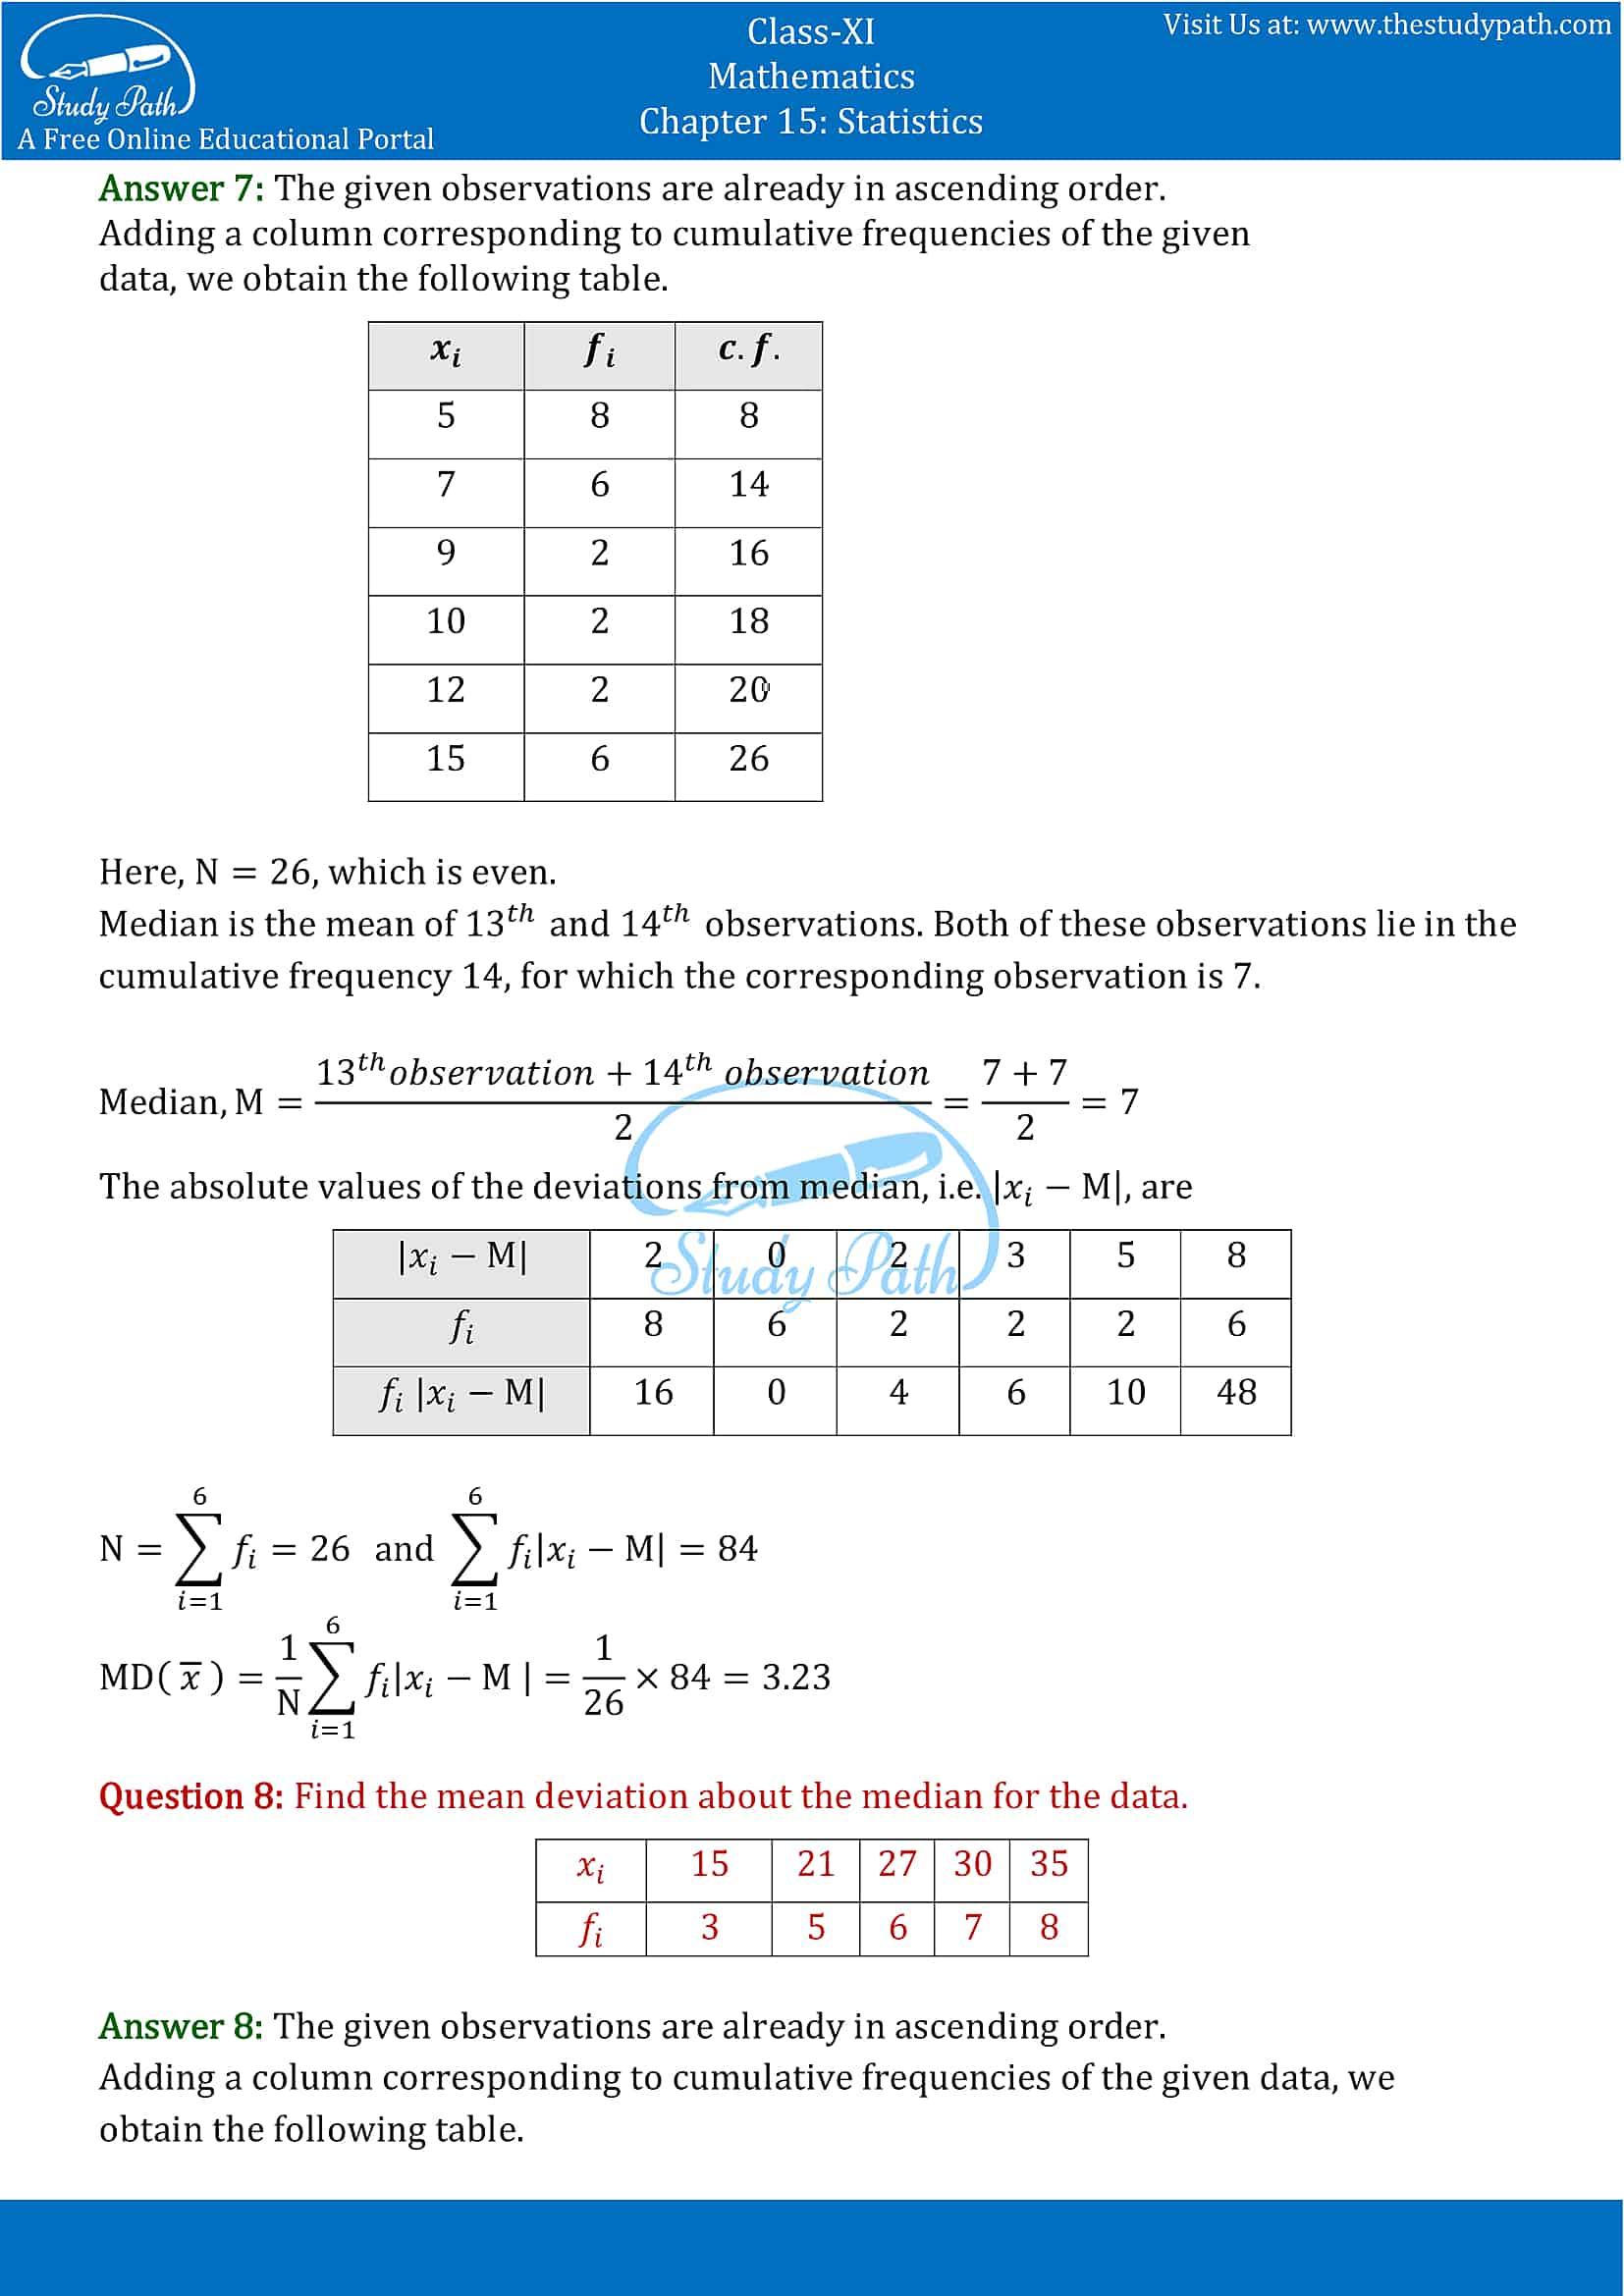 NCERT Solutions for Class 11 Maths chapter 15 Statistics part-5